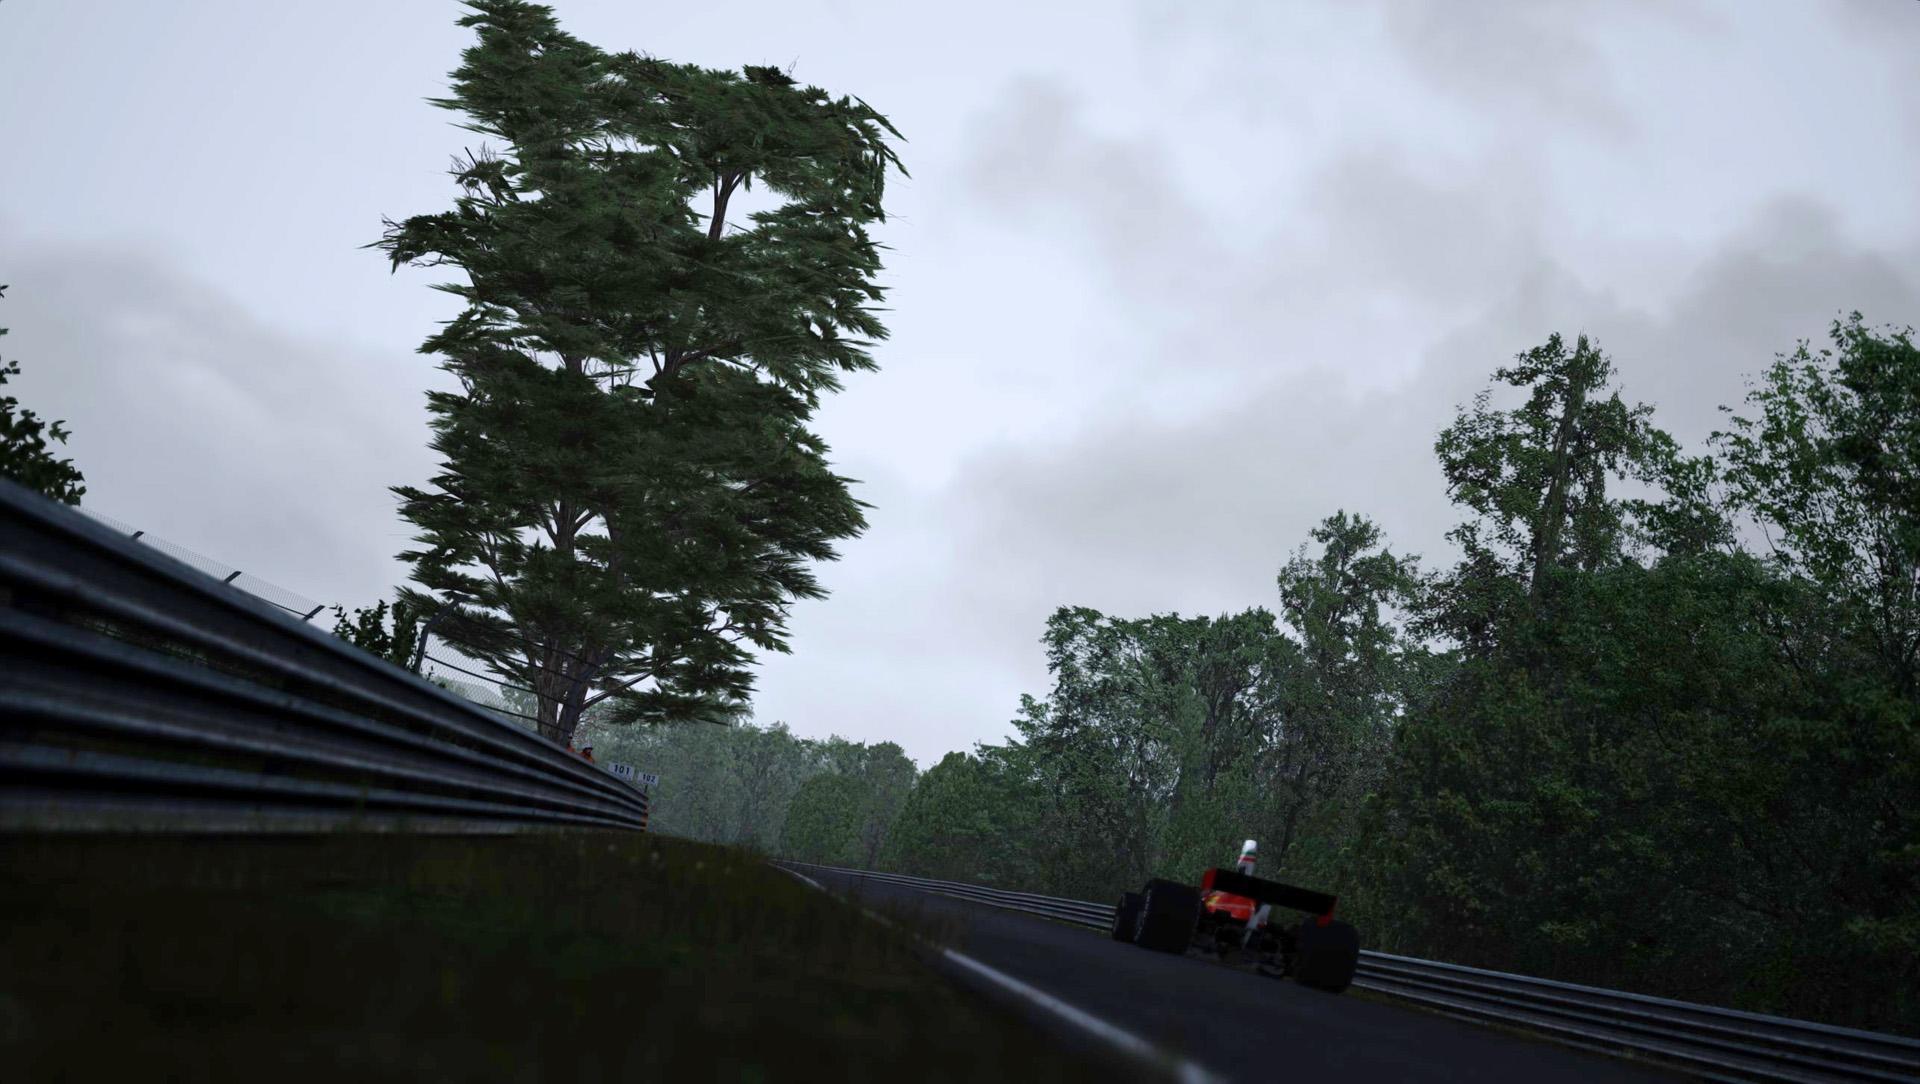 assetto corsa ac screen 312t.jpg